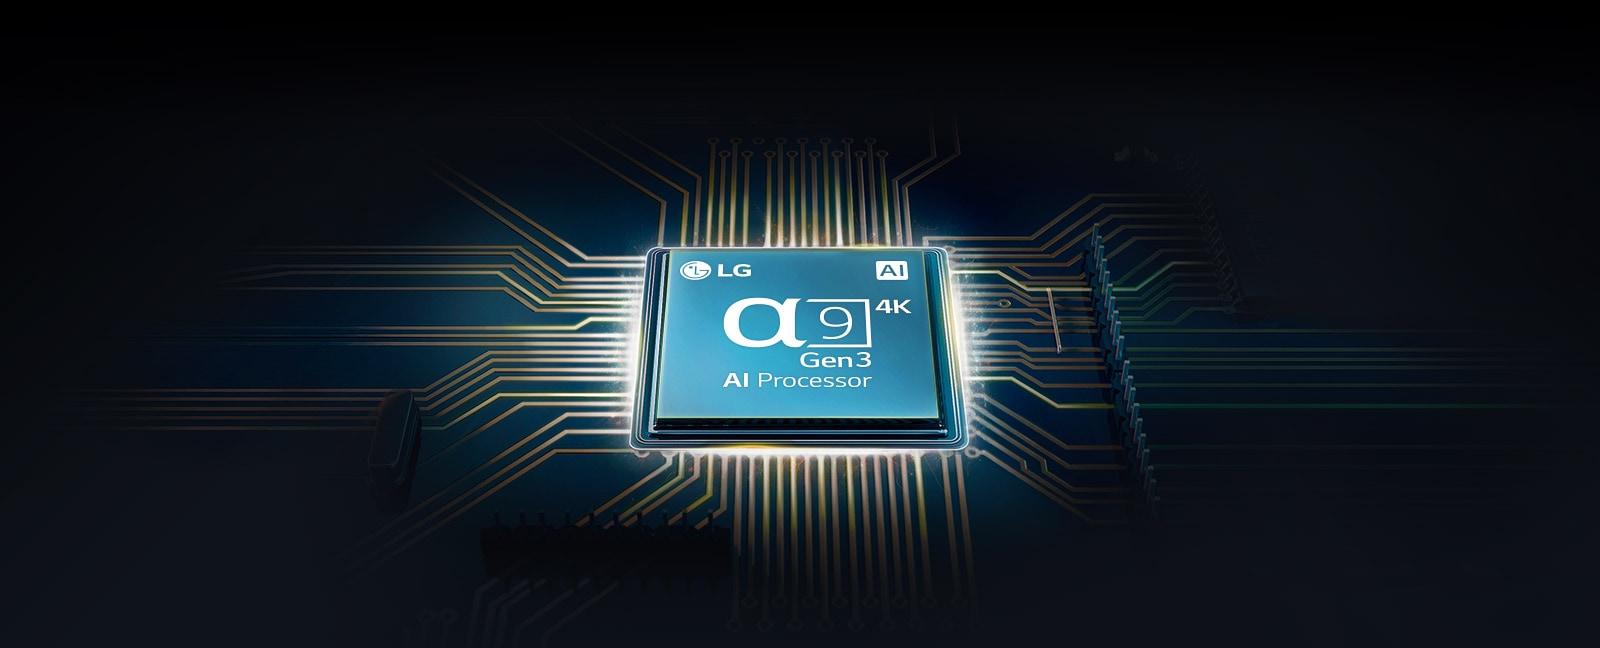 LG OLED77CXPTA a9 gen processor